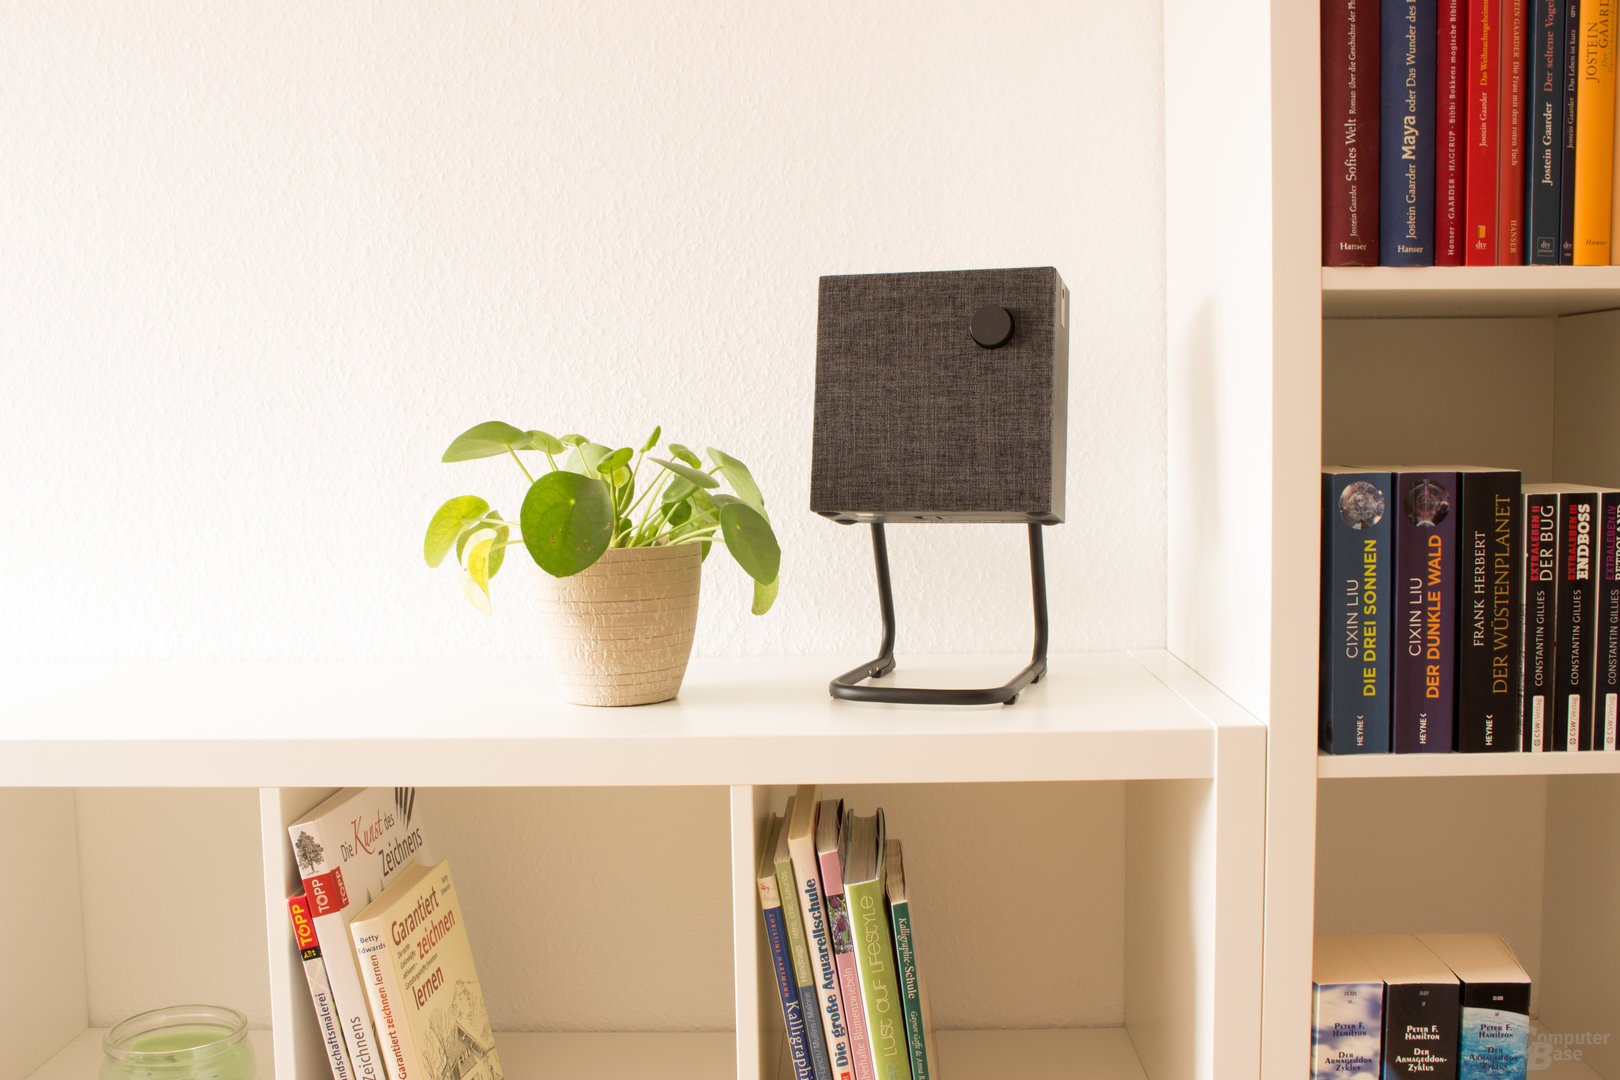 Ikea Eneby 20 auf dem optionalen Lautsprechergestell